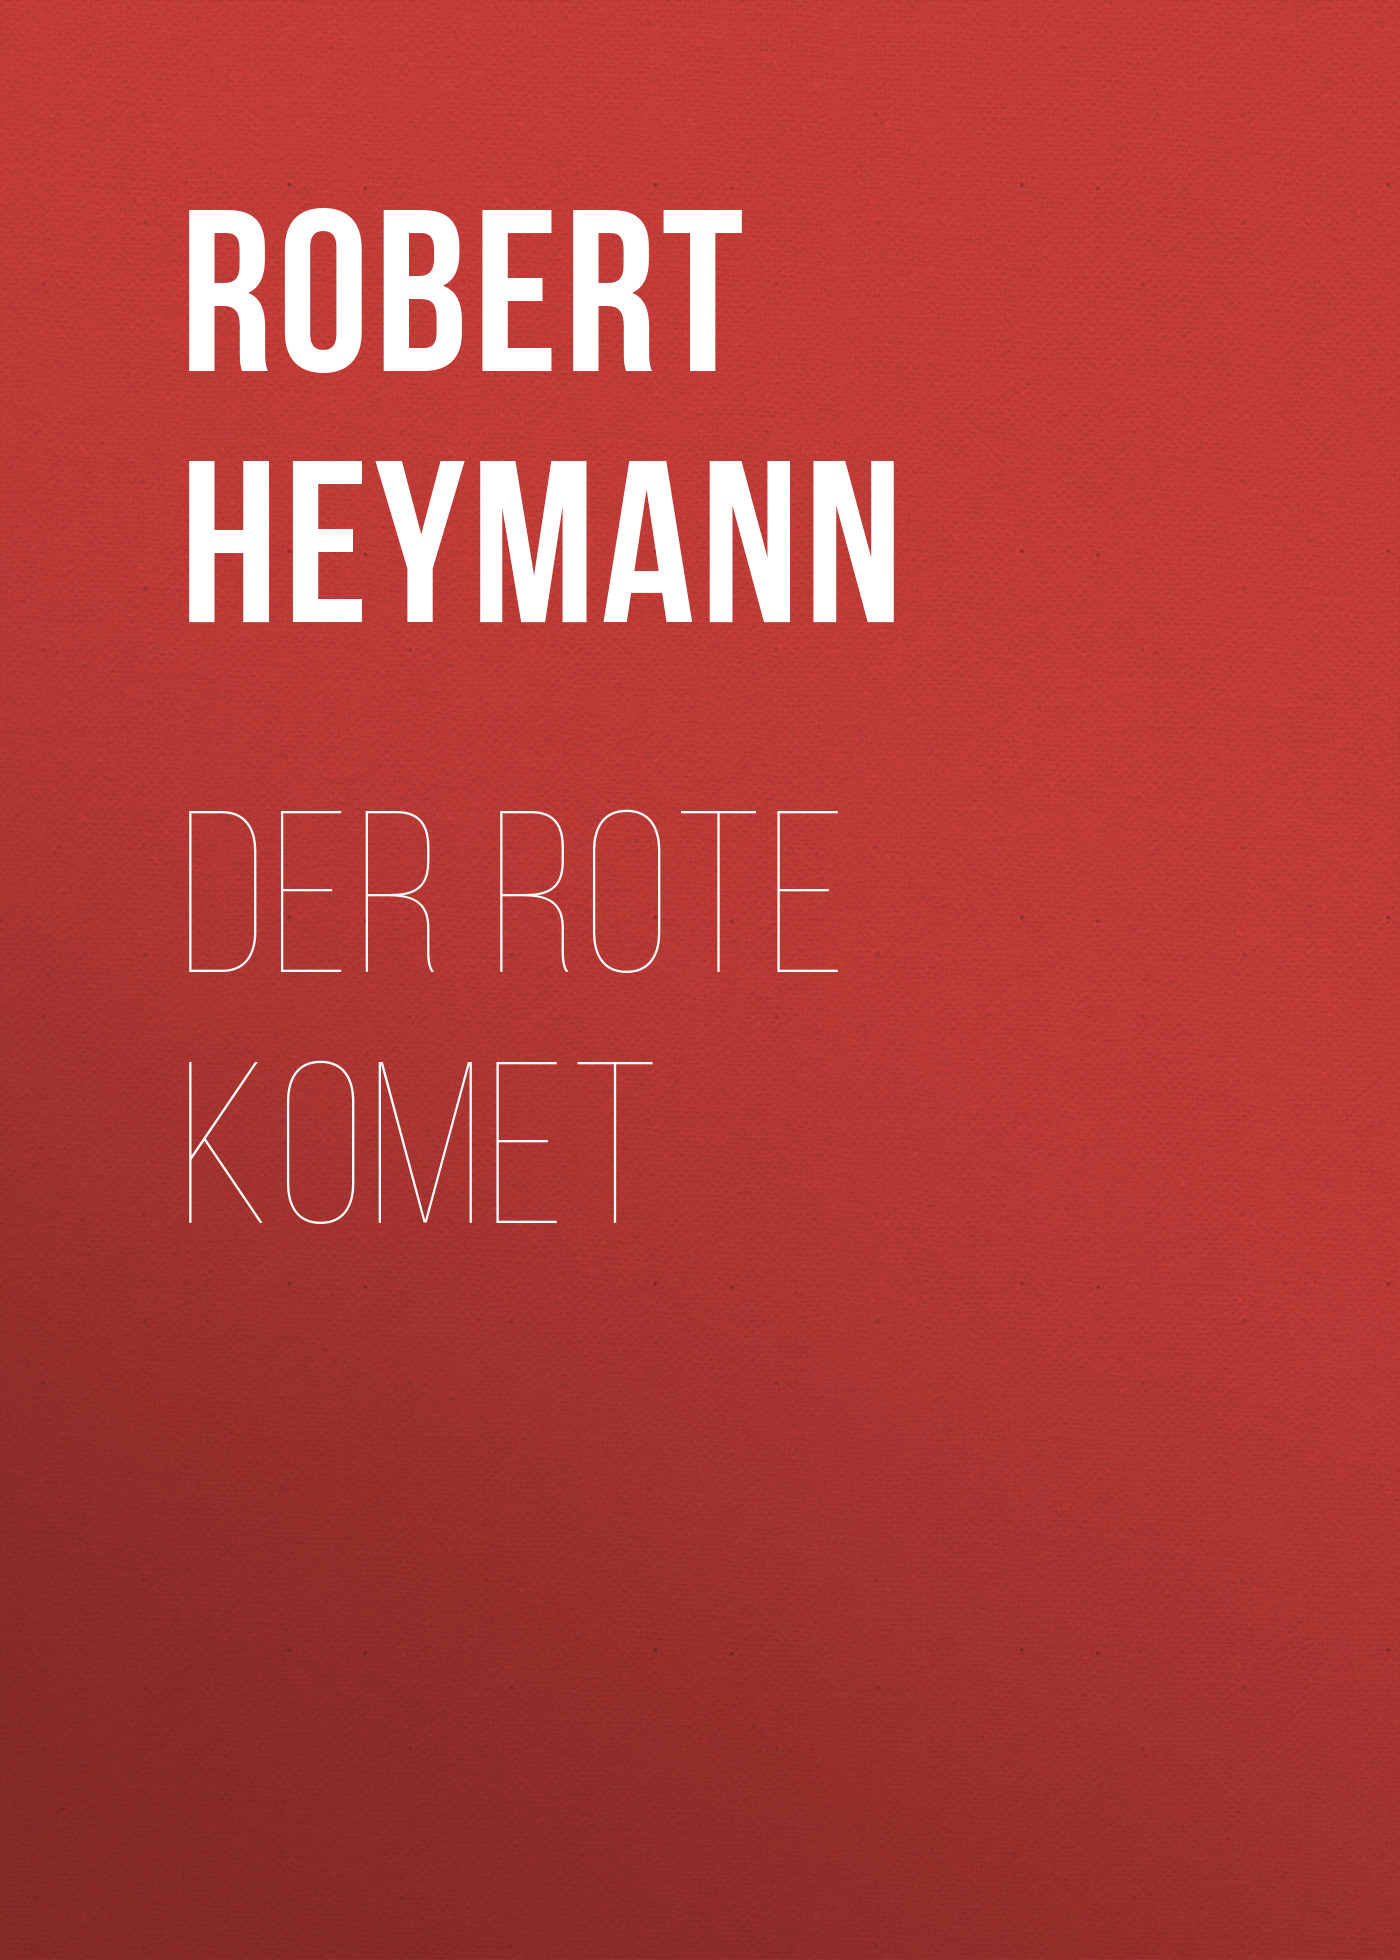 Robert Heymann Der rote Komet das rote blumelein